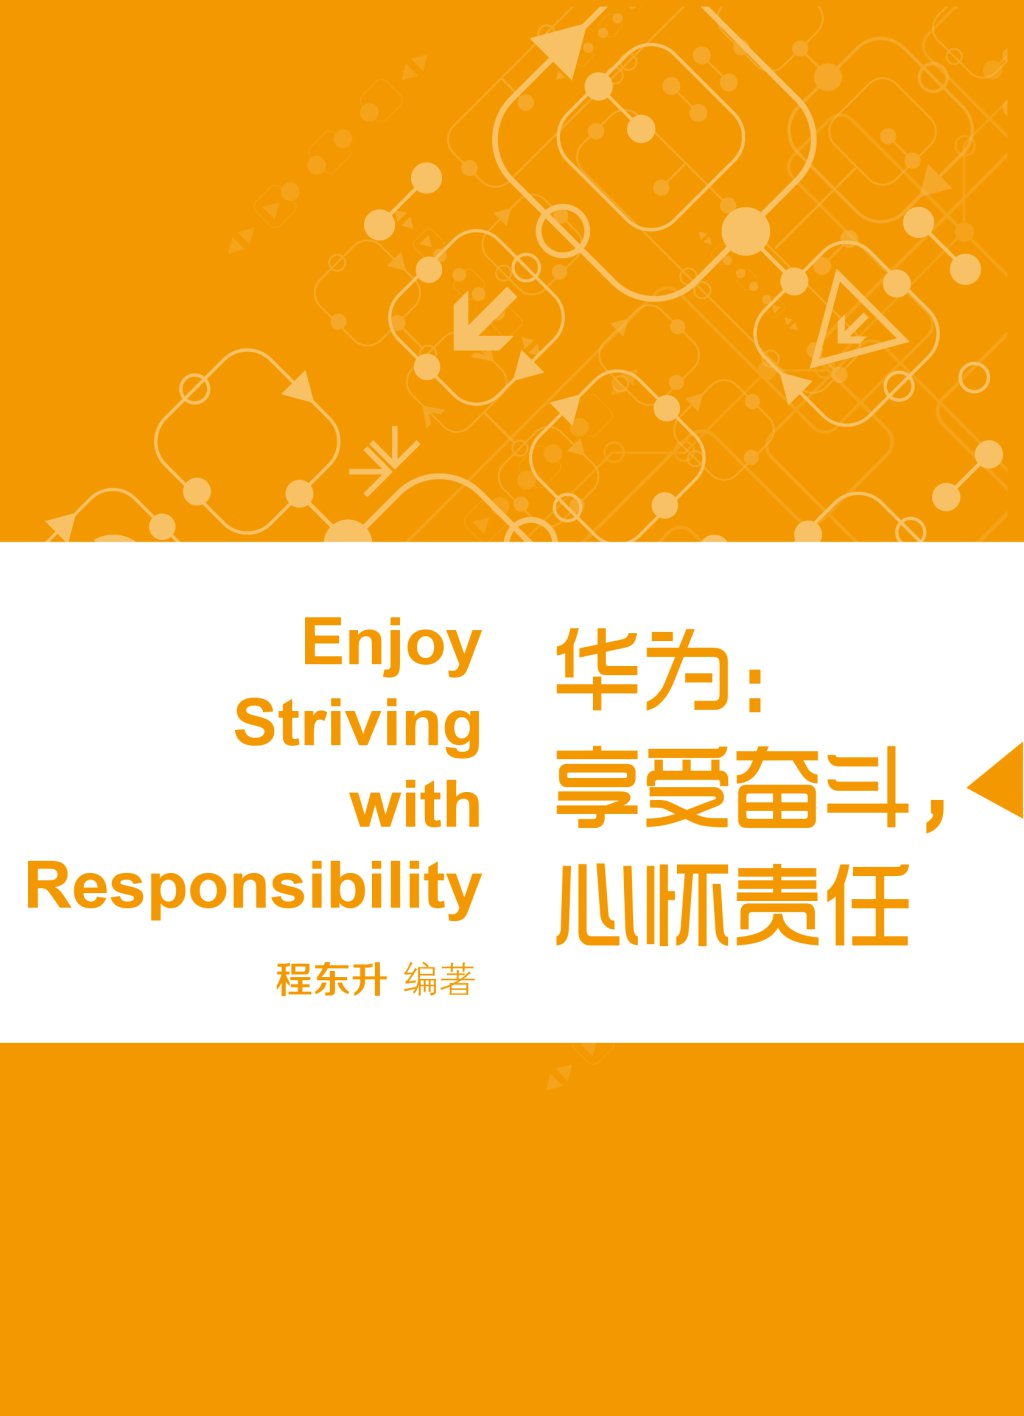 华为:享受奋斗,心怀责任(蓝狮子速读系列-管理026)